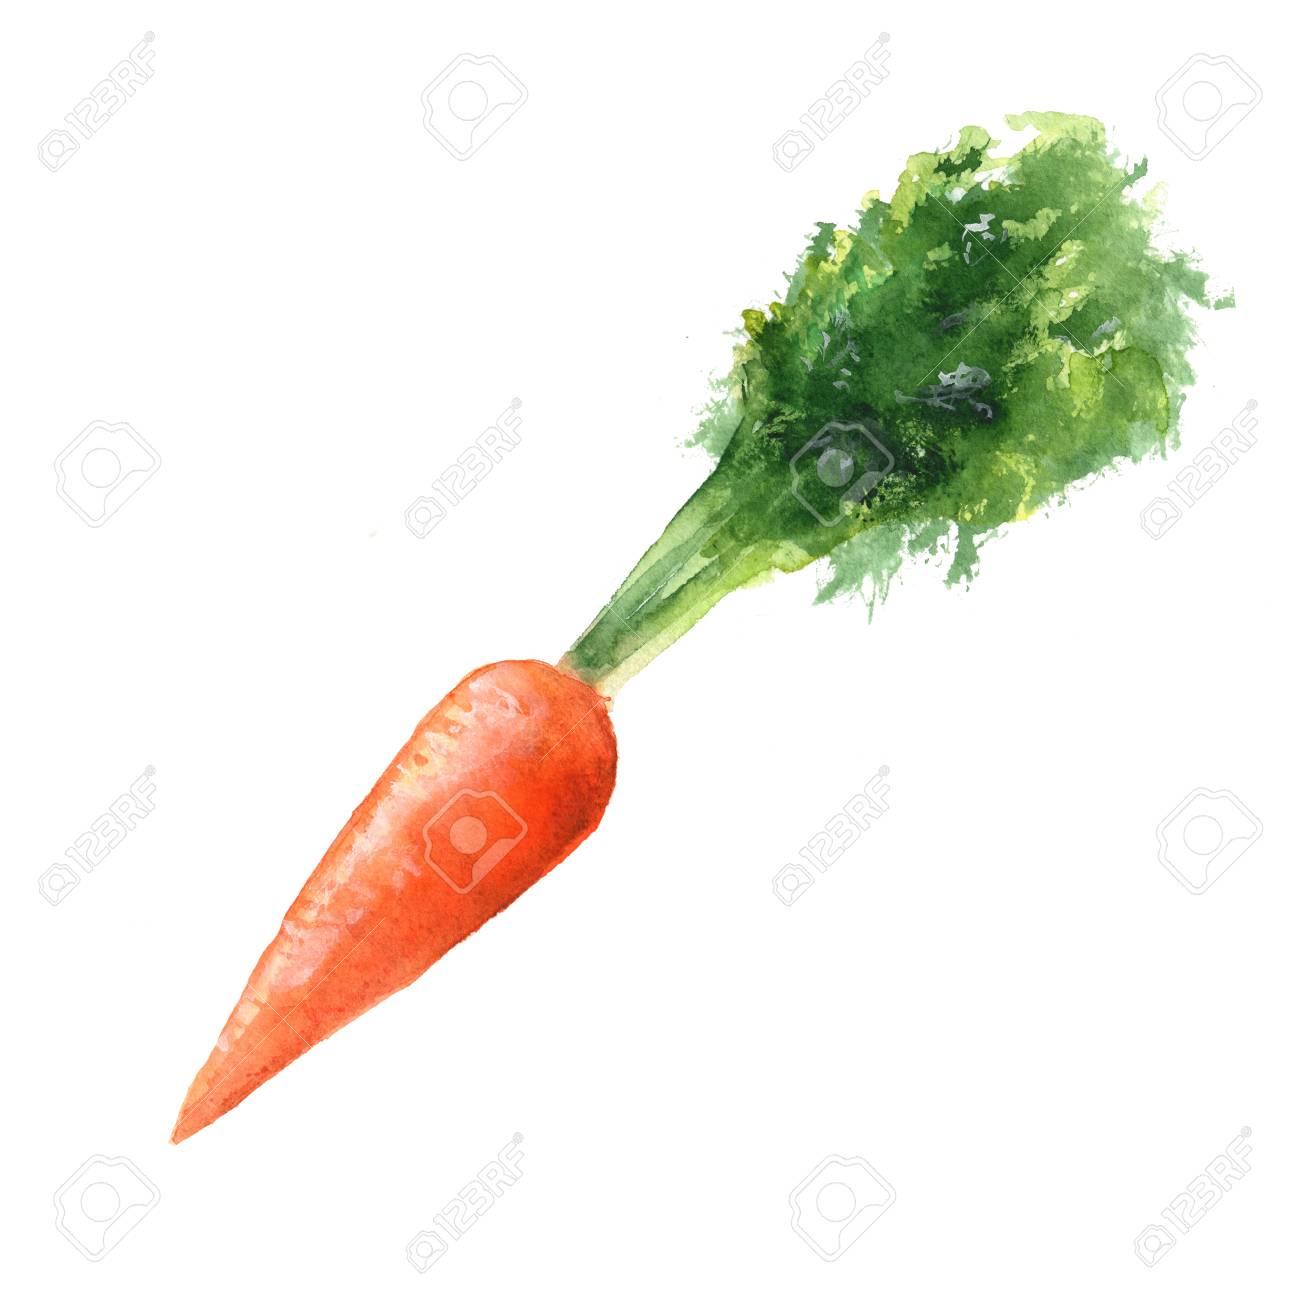 Carrots Watercolor Illustration Of A Carrot Stock Photo Picture And Royalty Free Image Image 57682024 ⭐ ¿es posible aunque nuestro protagonista de hoy será la zanahoria, os dejo por aquí algunas fotos para que lo. carrots watercolor illustration of a carrot